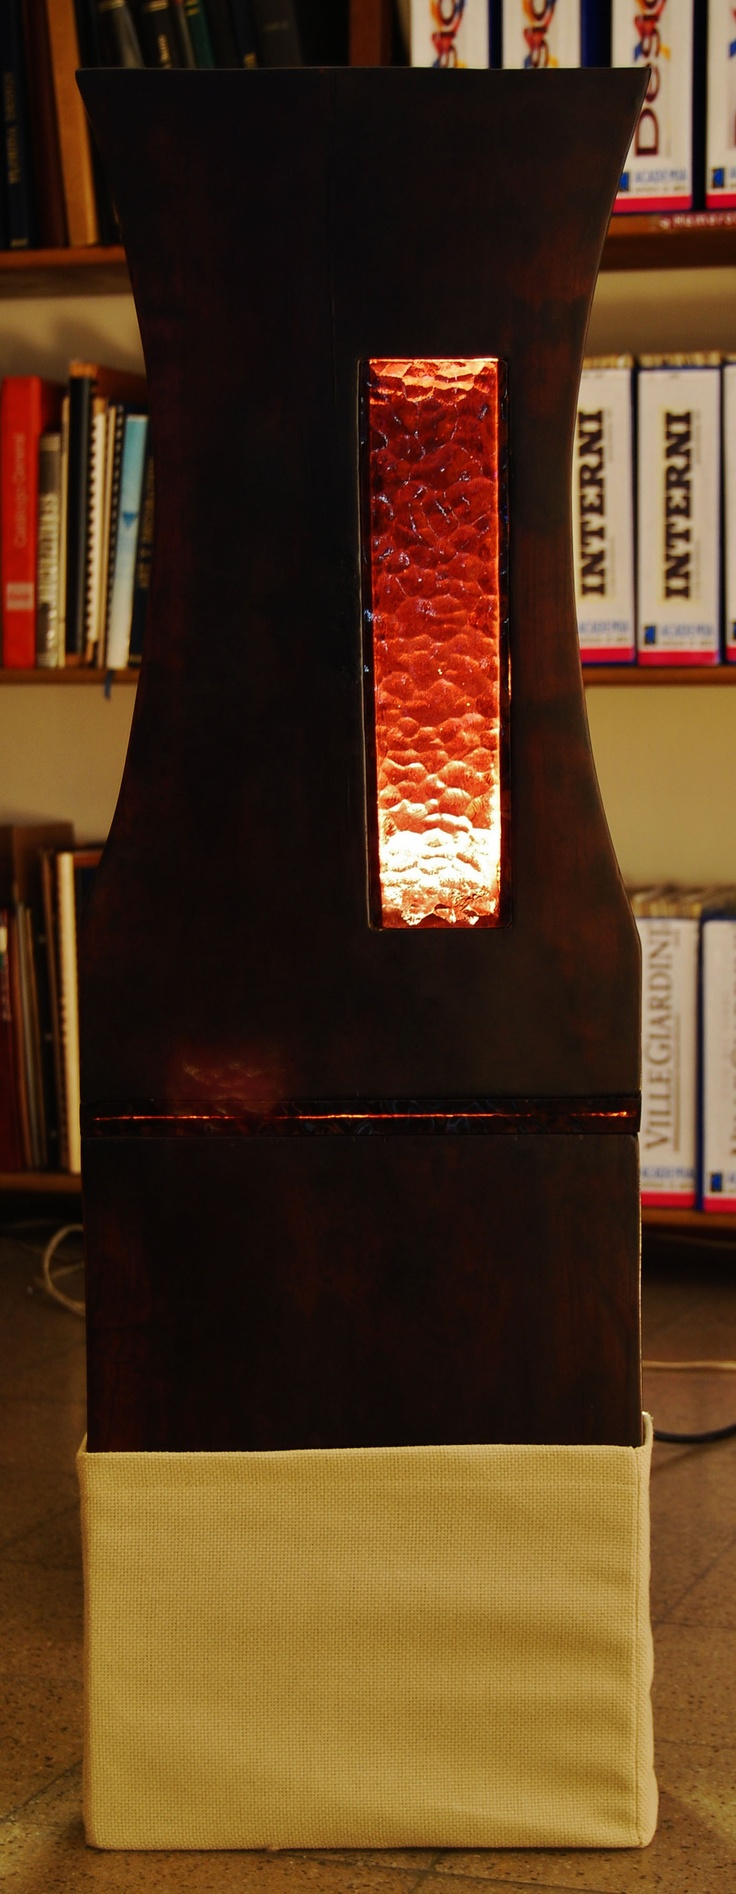 Designed by Andrés Posada